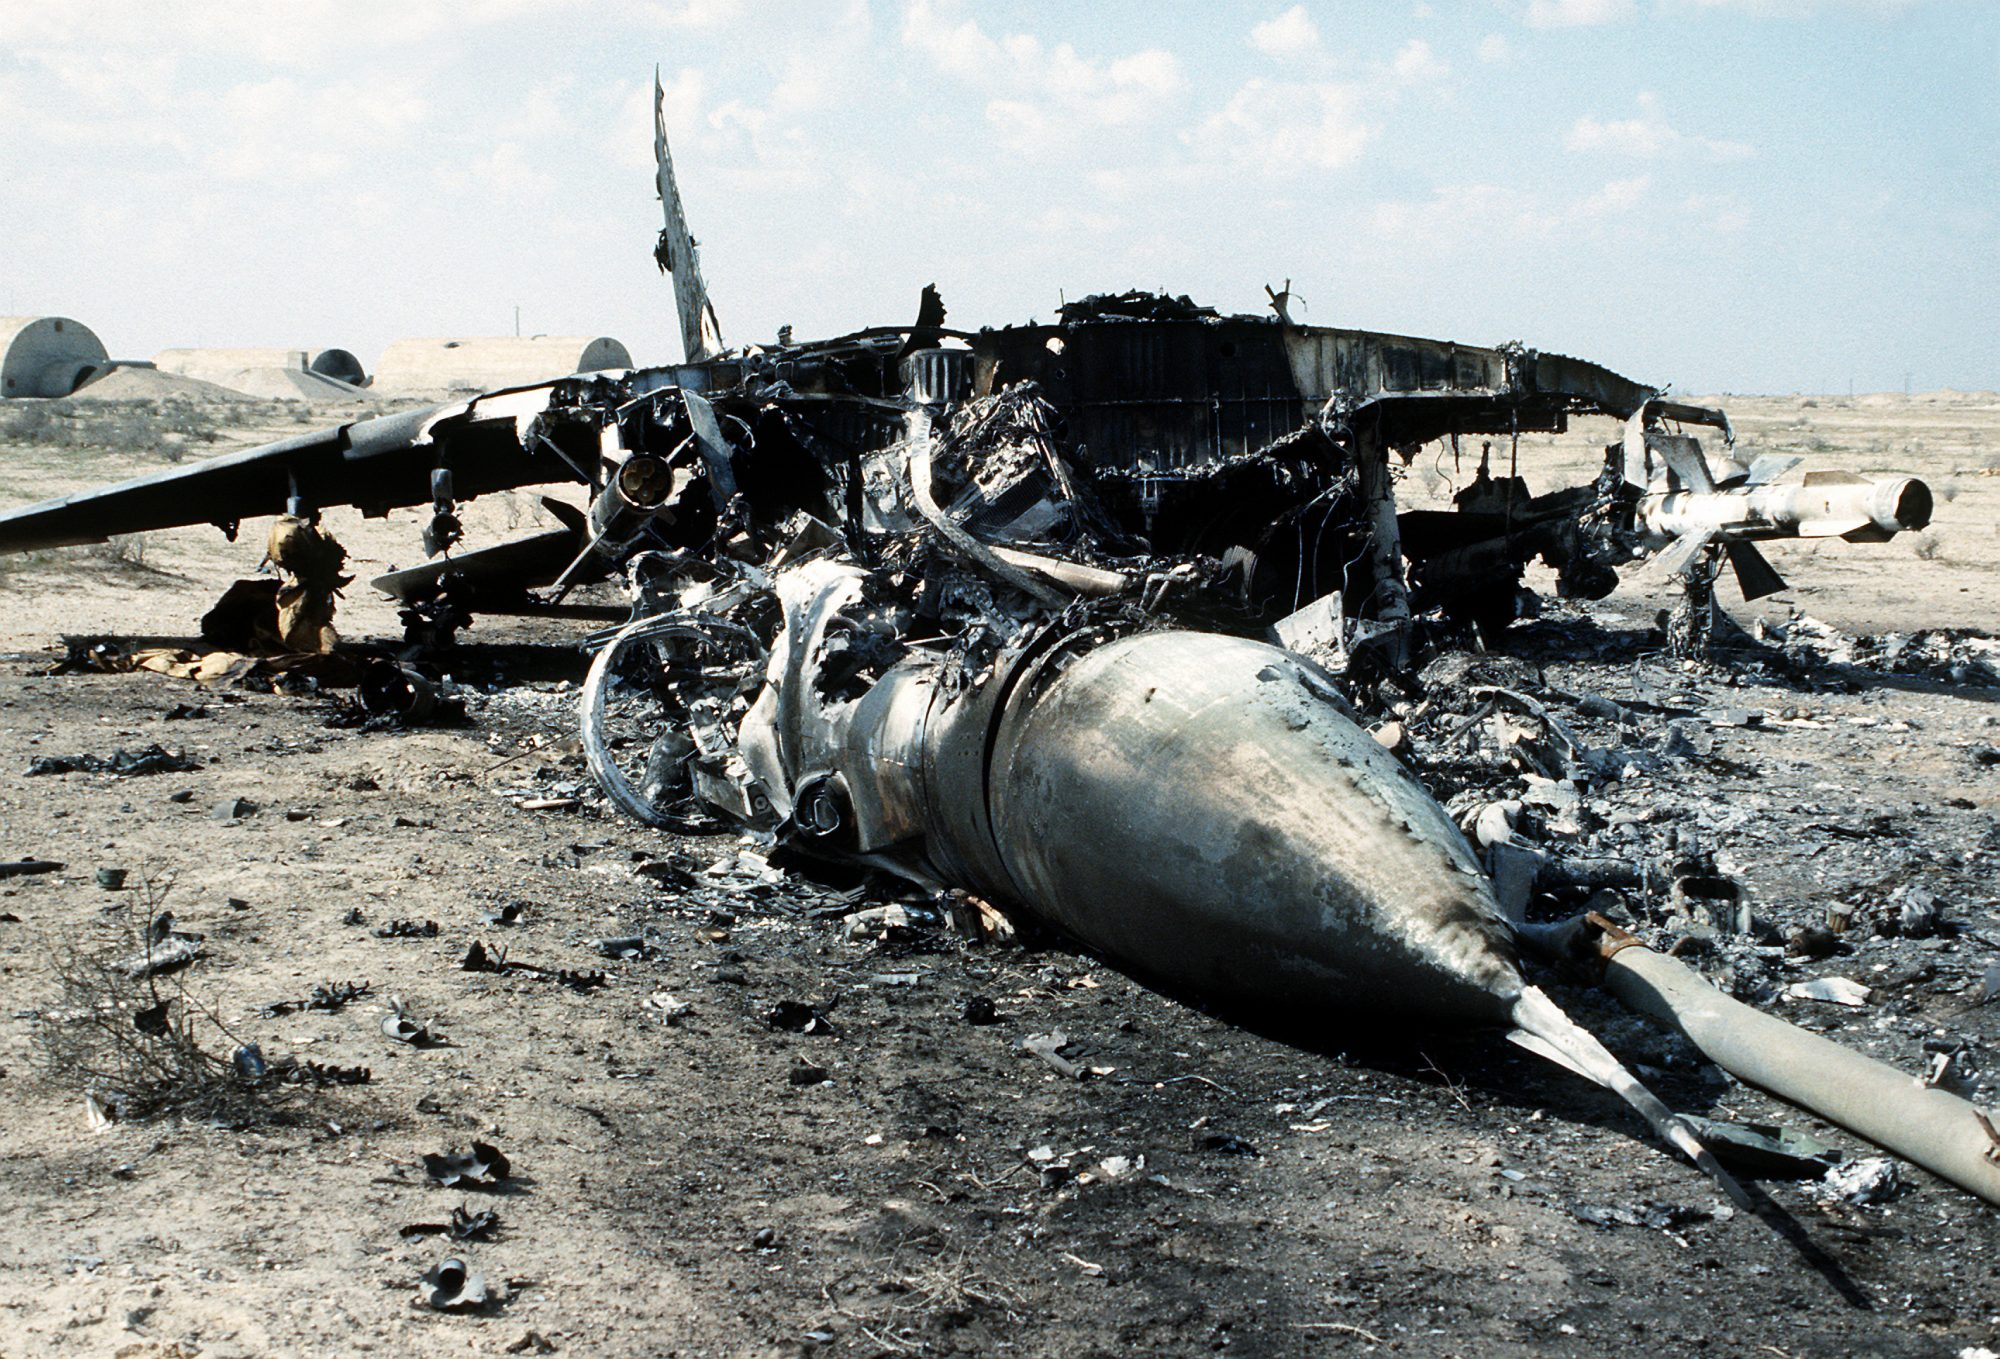 Um MiG-29 iraquiano destruído no solo pelas forças da Coalizão durante a Operação Desert Storm